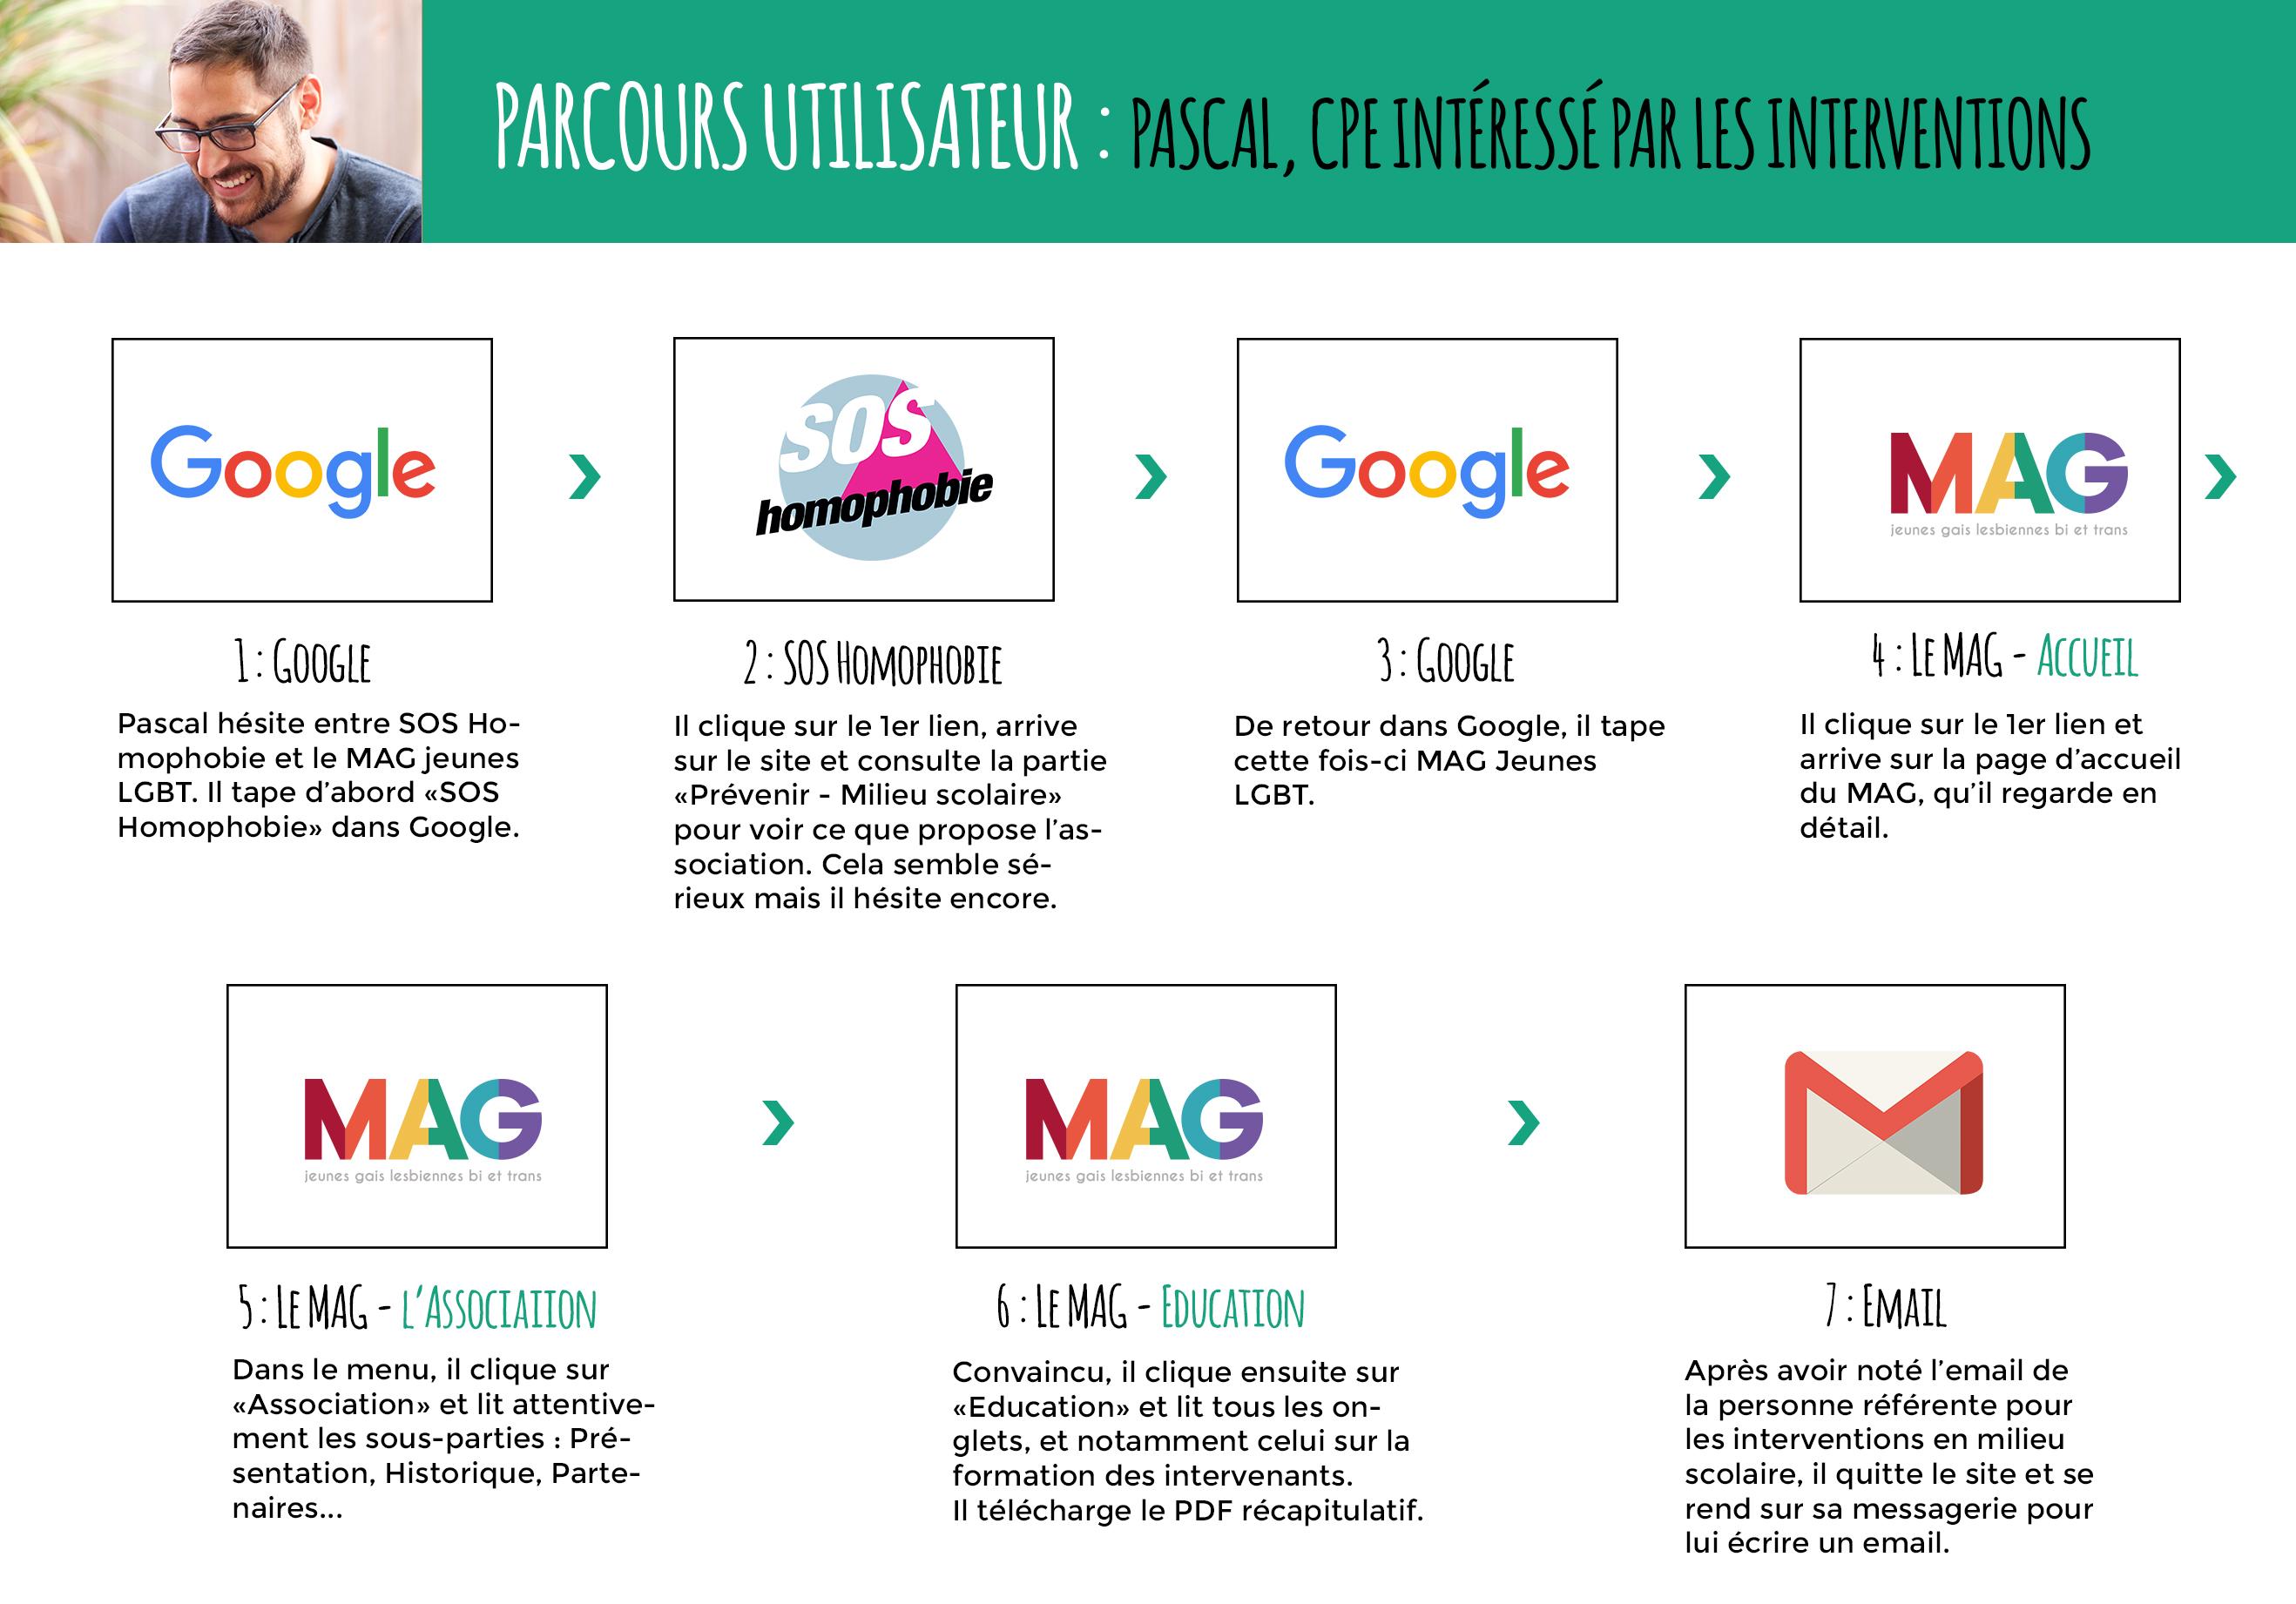 Parcours utilisateur Pascal